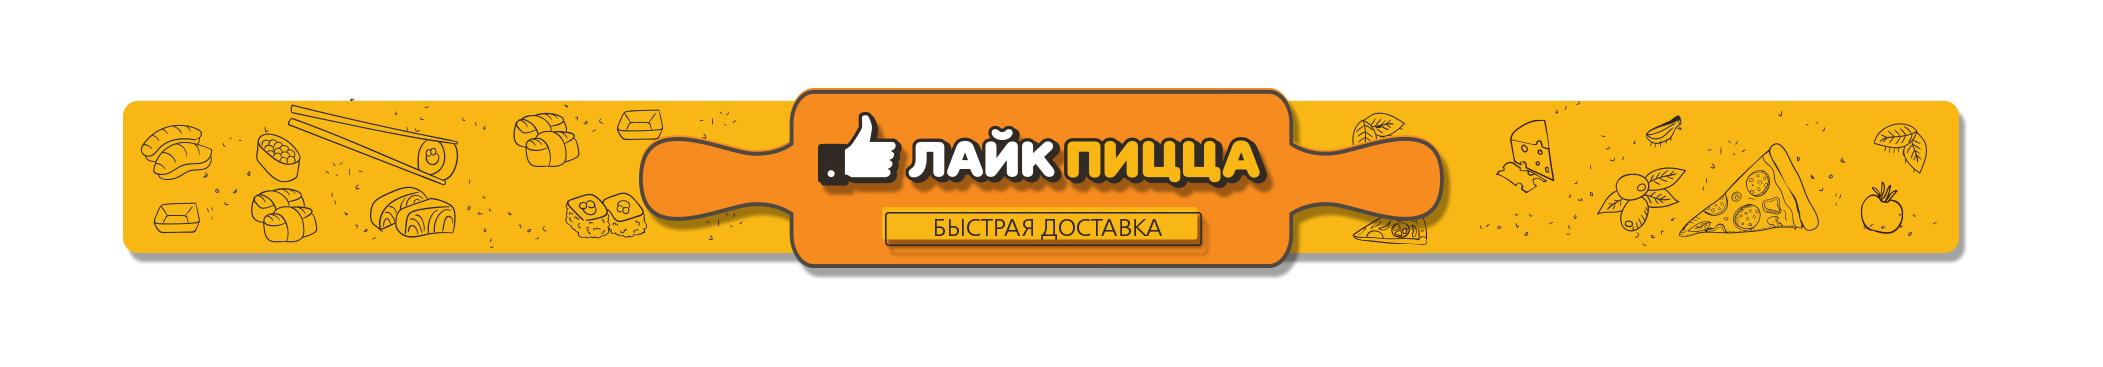 Дизайн уличного козырька с вывеской для пиццерии фото f_6545873f819bb910.jpg